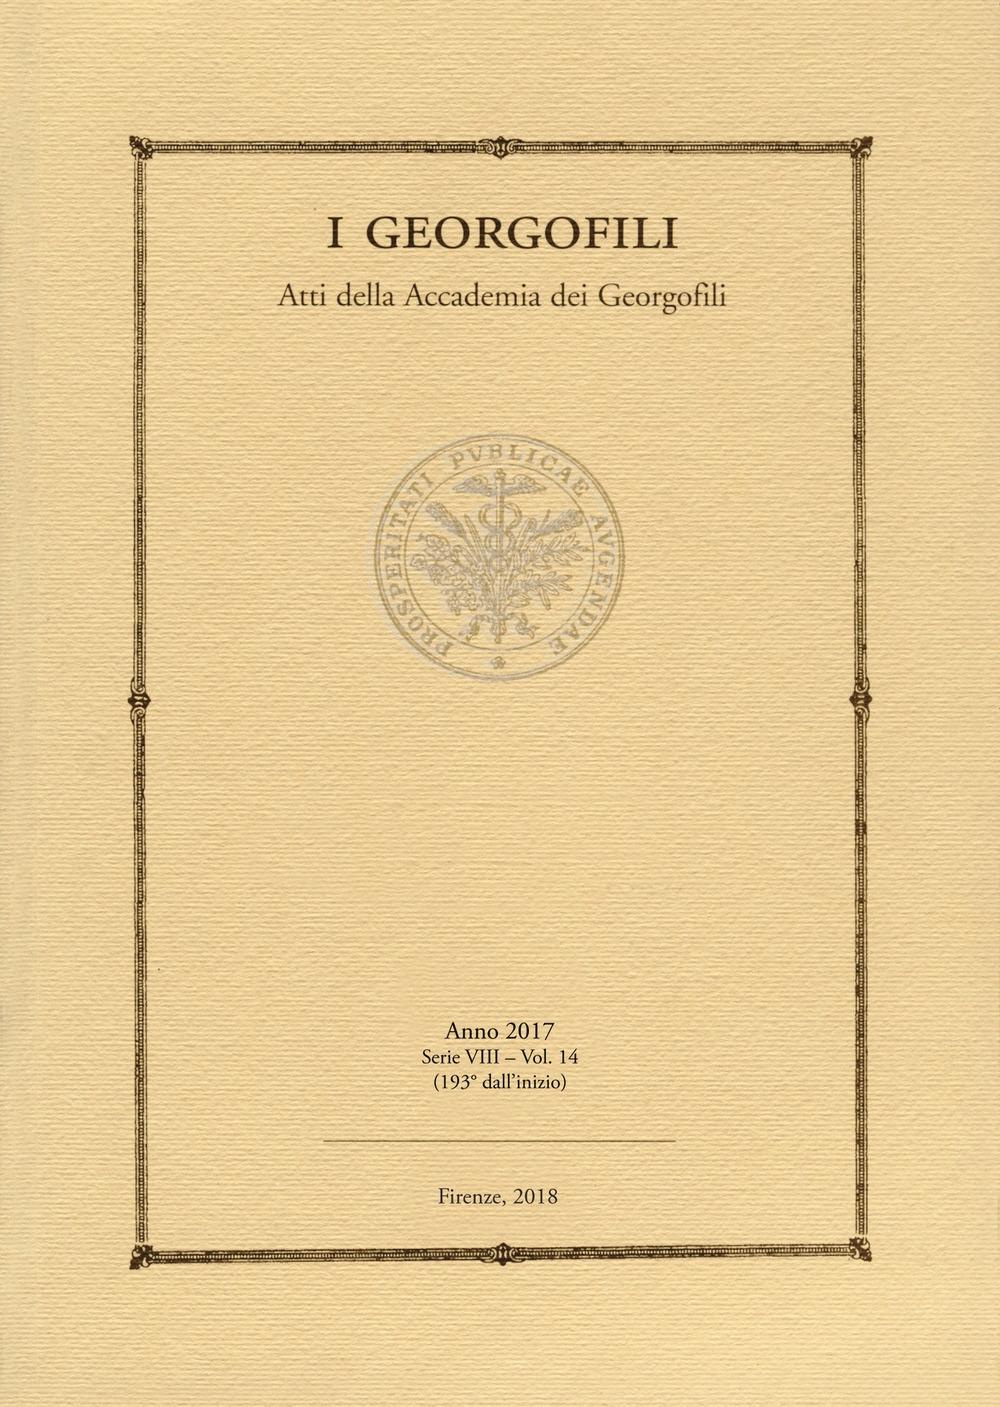 I georgofili. Atti della Accademia dei Georgofili. Vol. 14. 2017